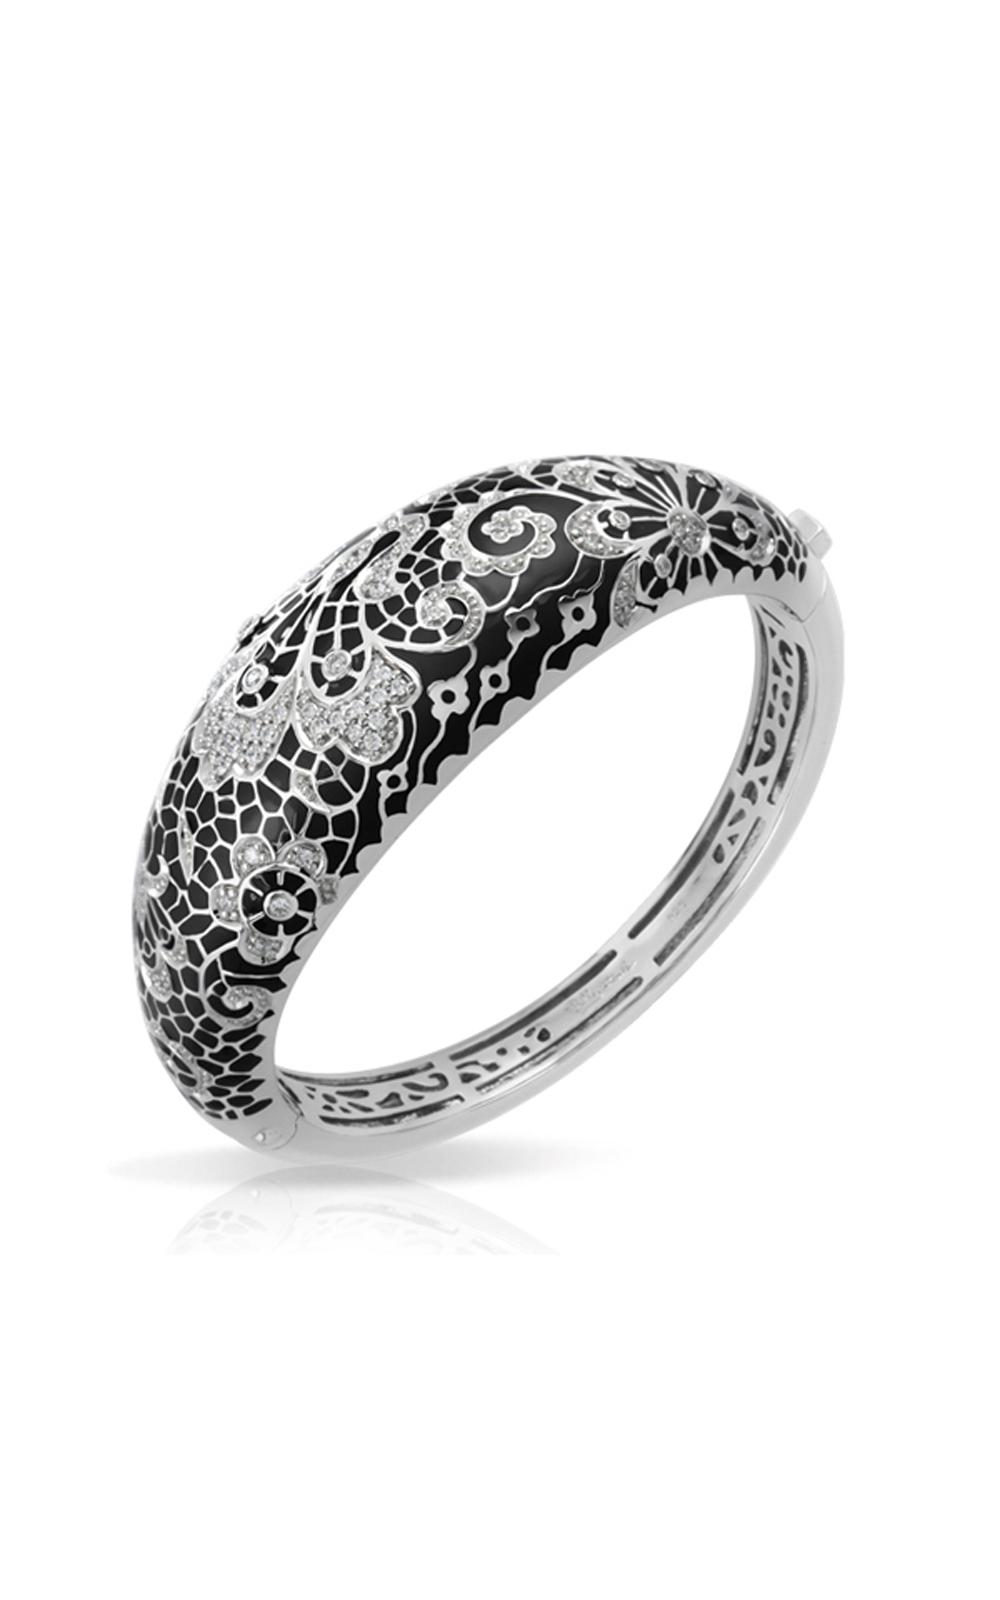 Belle Etoile Fleur de Lace Bracelet 07021110501-L product image